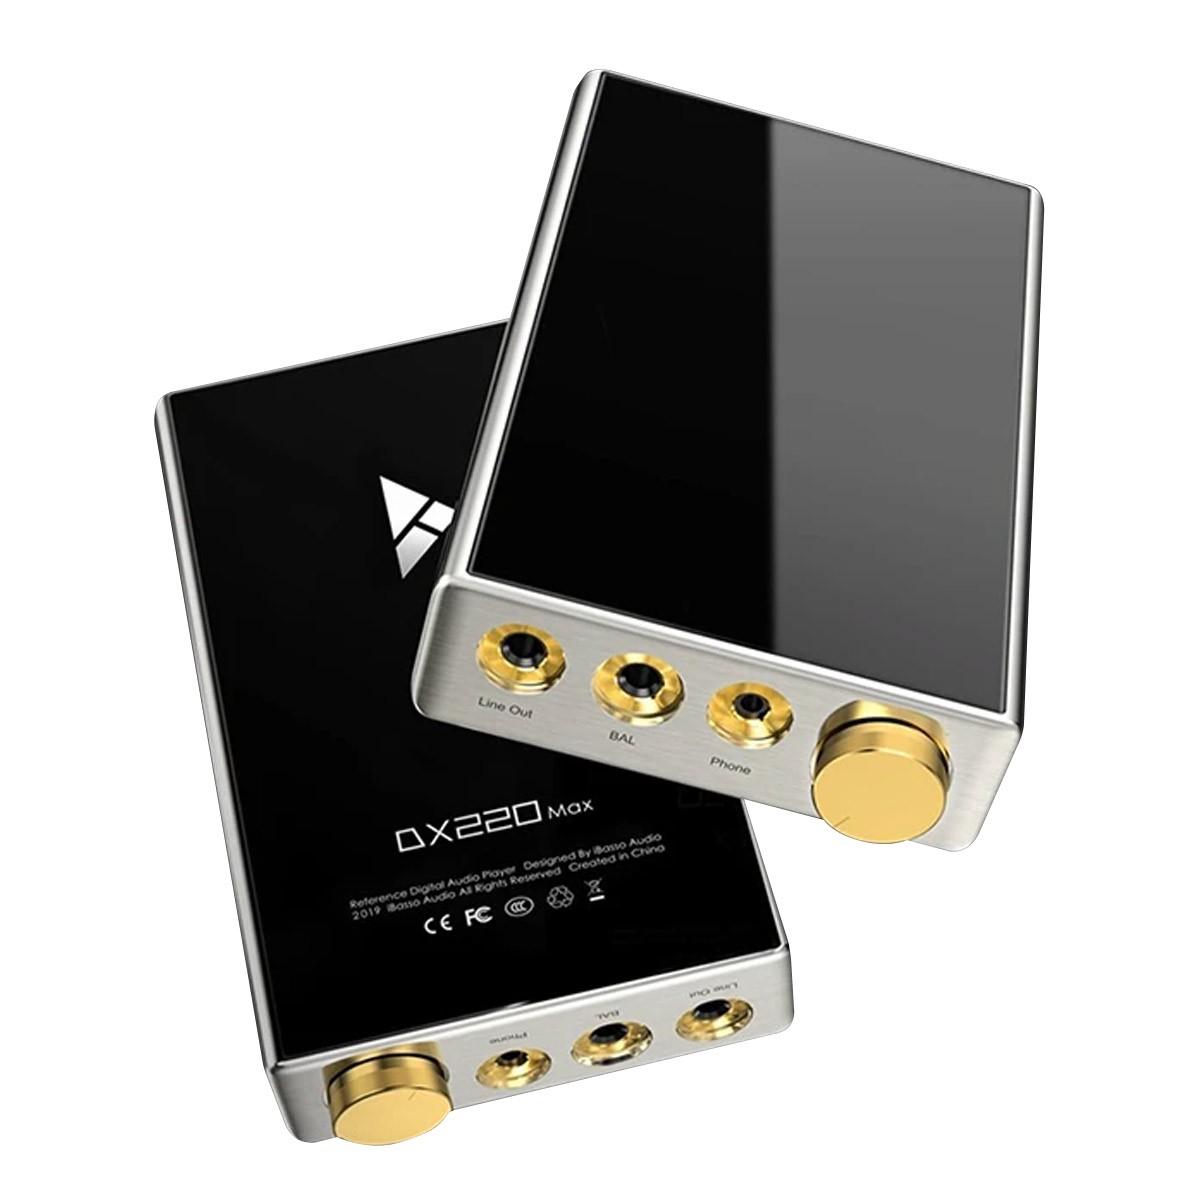 IBASSO DX220 MAX Digital Player DAP HiFi 2x ES9028Pro Balanced Bluetooth WiFi 32bit 384kHz DSD512